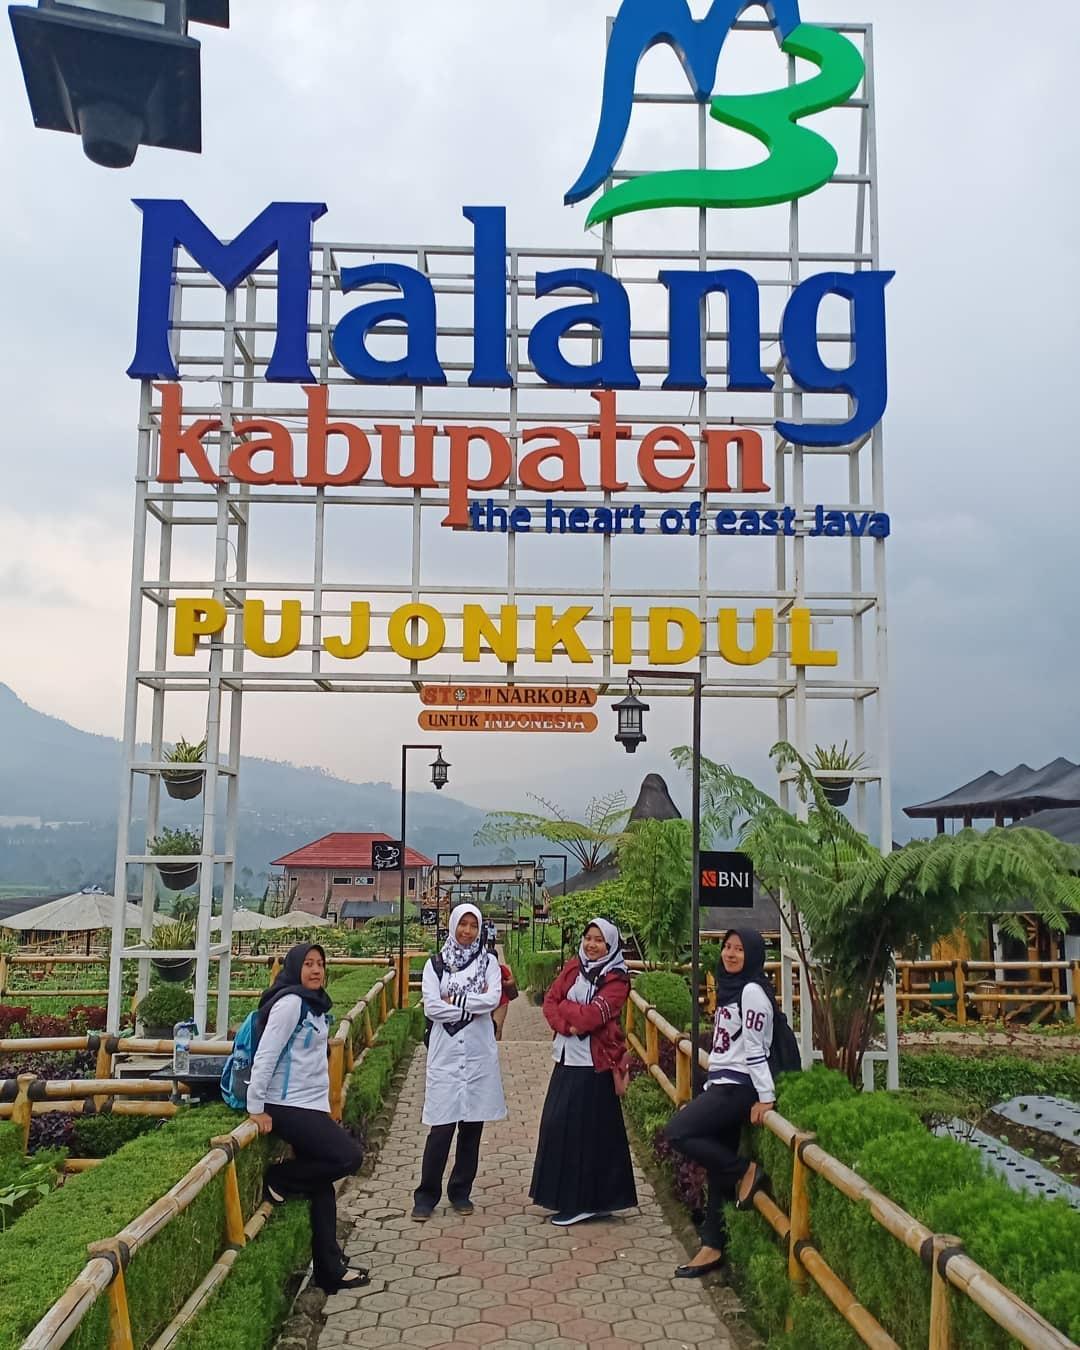 Desa Wisata Pujon Kidul Malang Jawa Timur